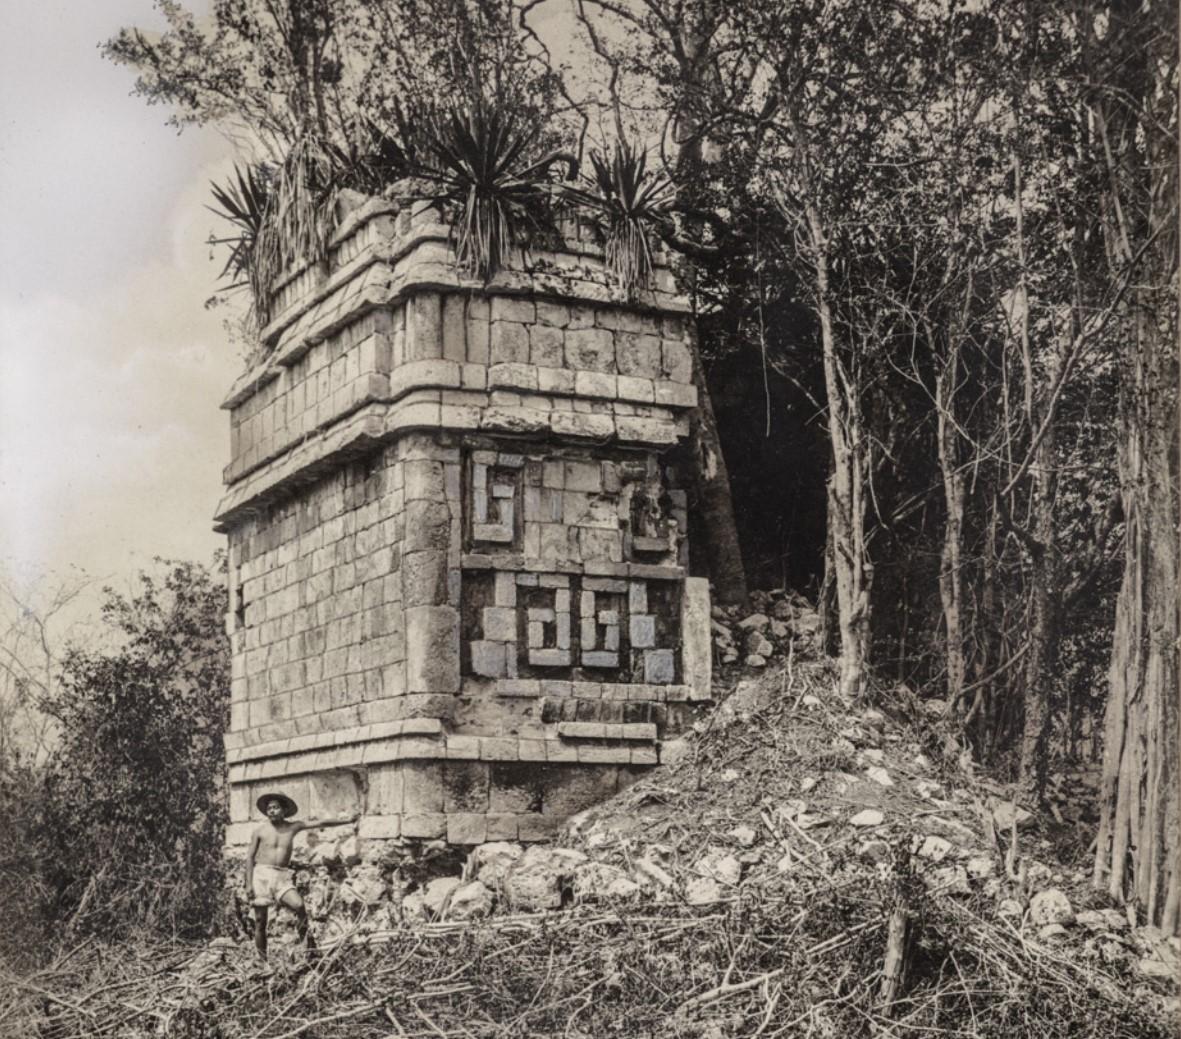 03. Развалины здания в руинах майя Дзебкабун